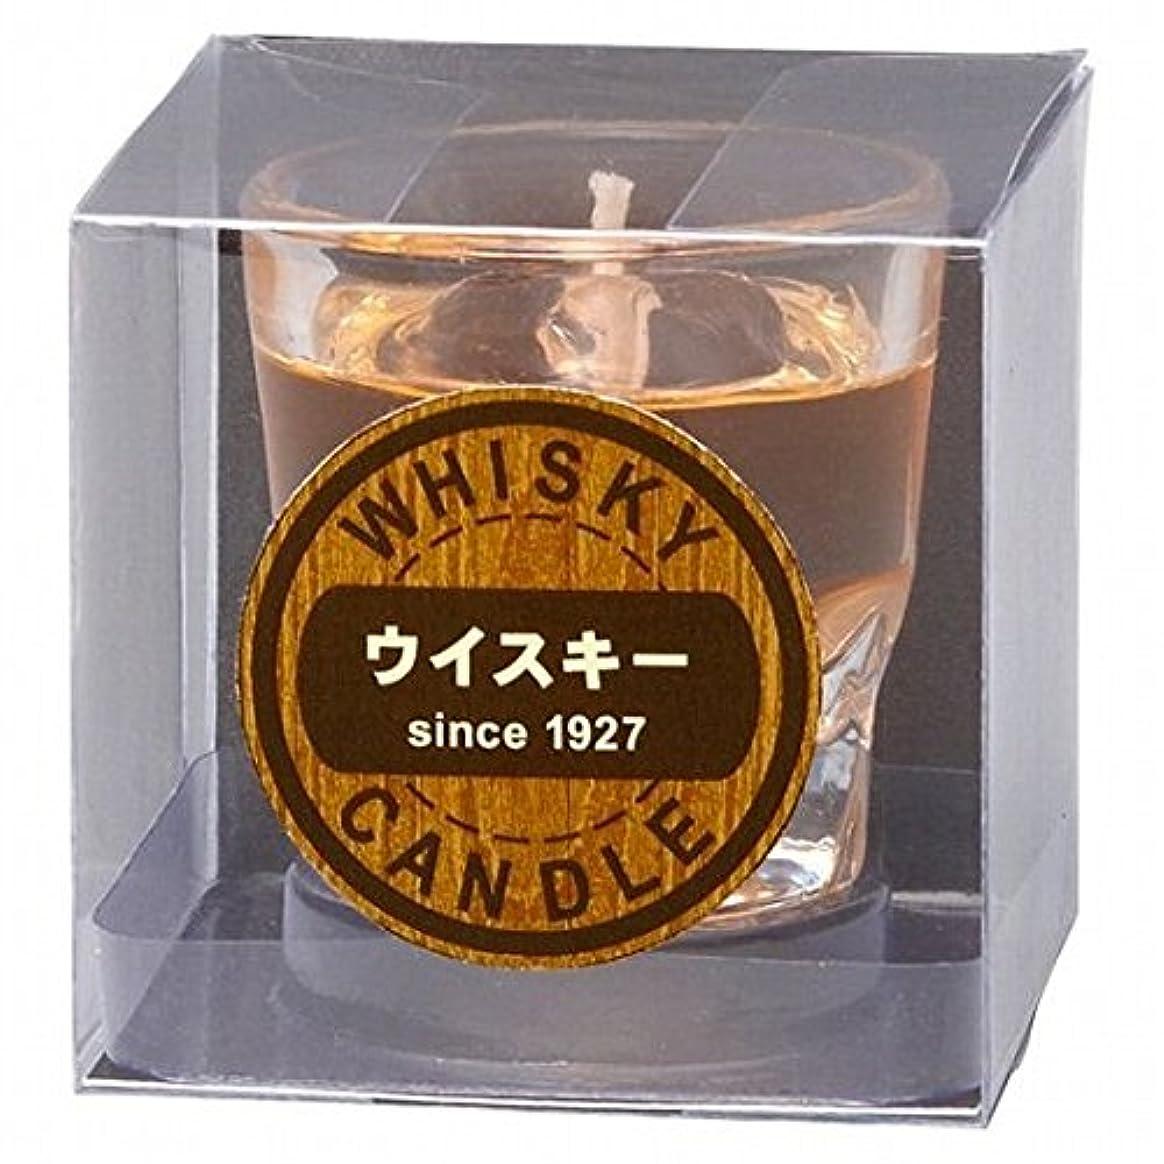 経済連続的保有者kameyama candle(カメヤマキャンドル) ウイスキーロックキャンドル(86170000)